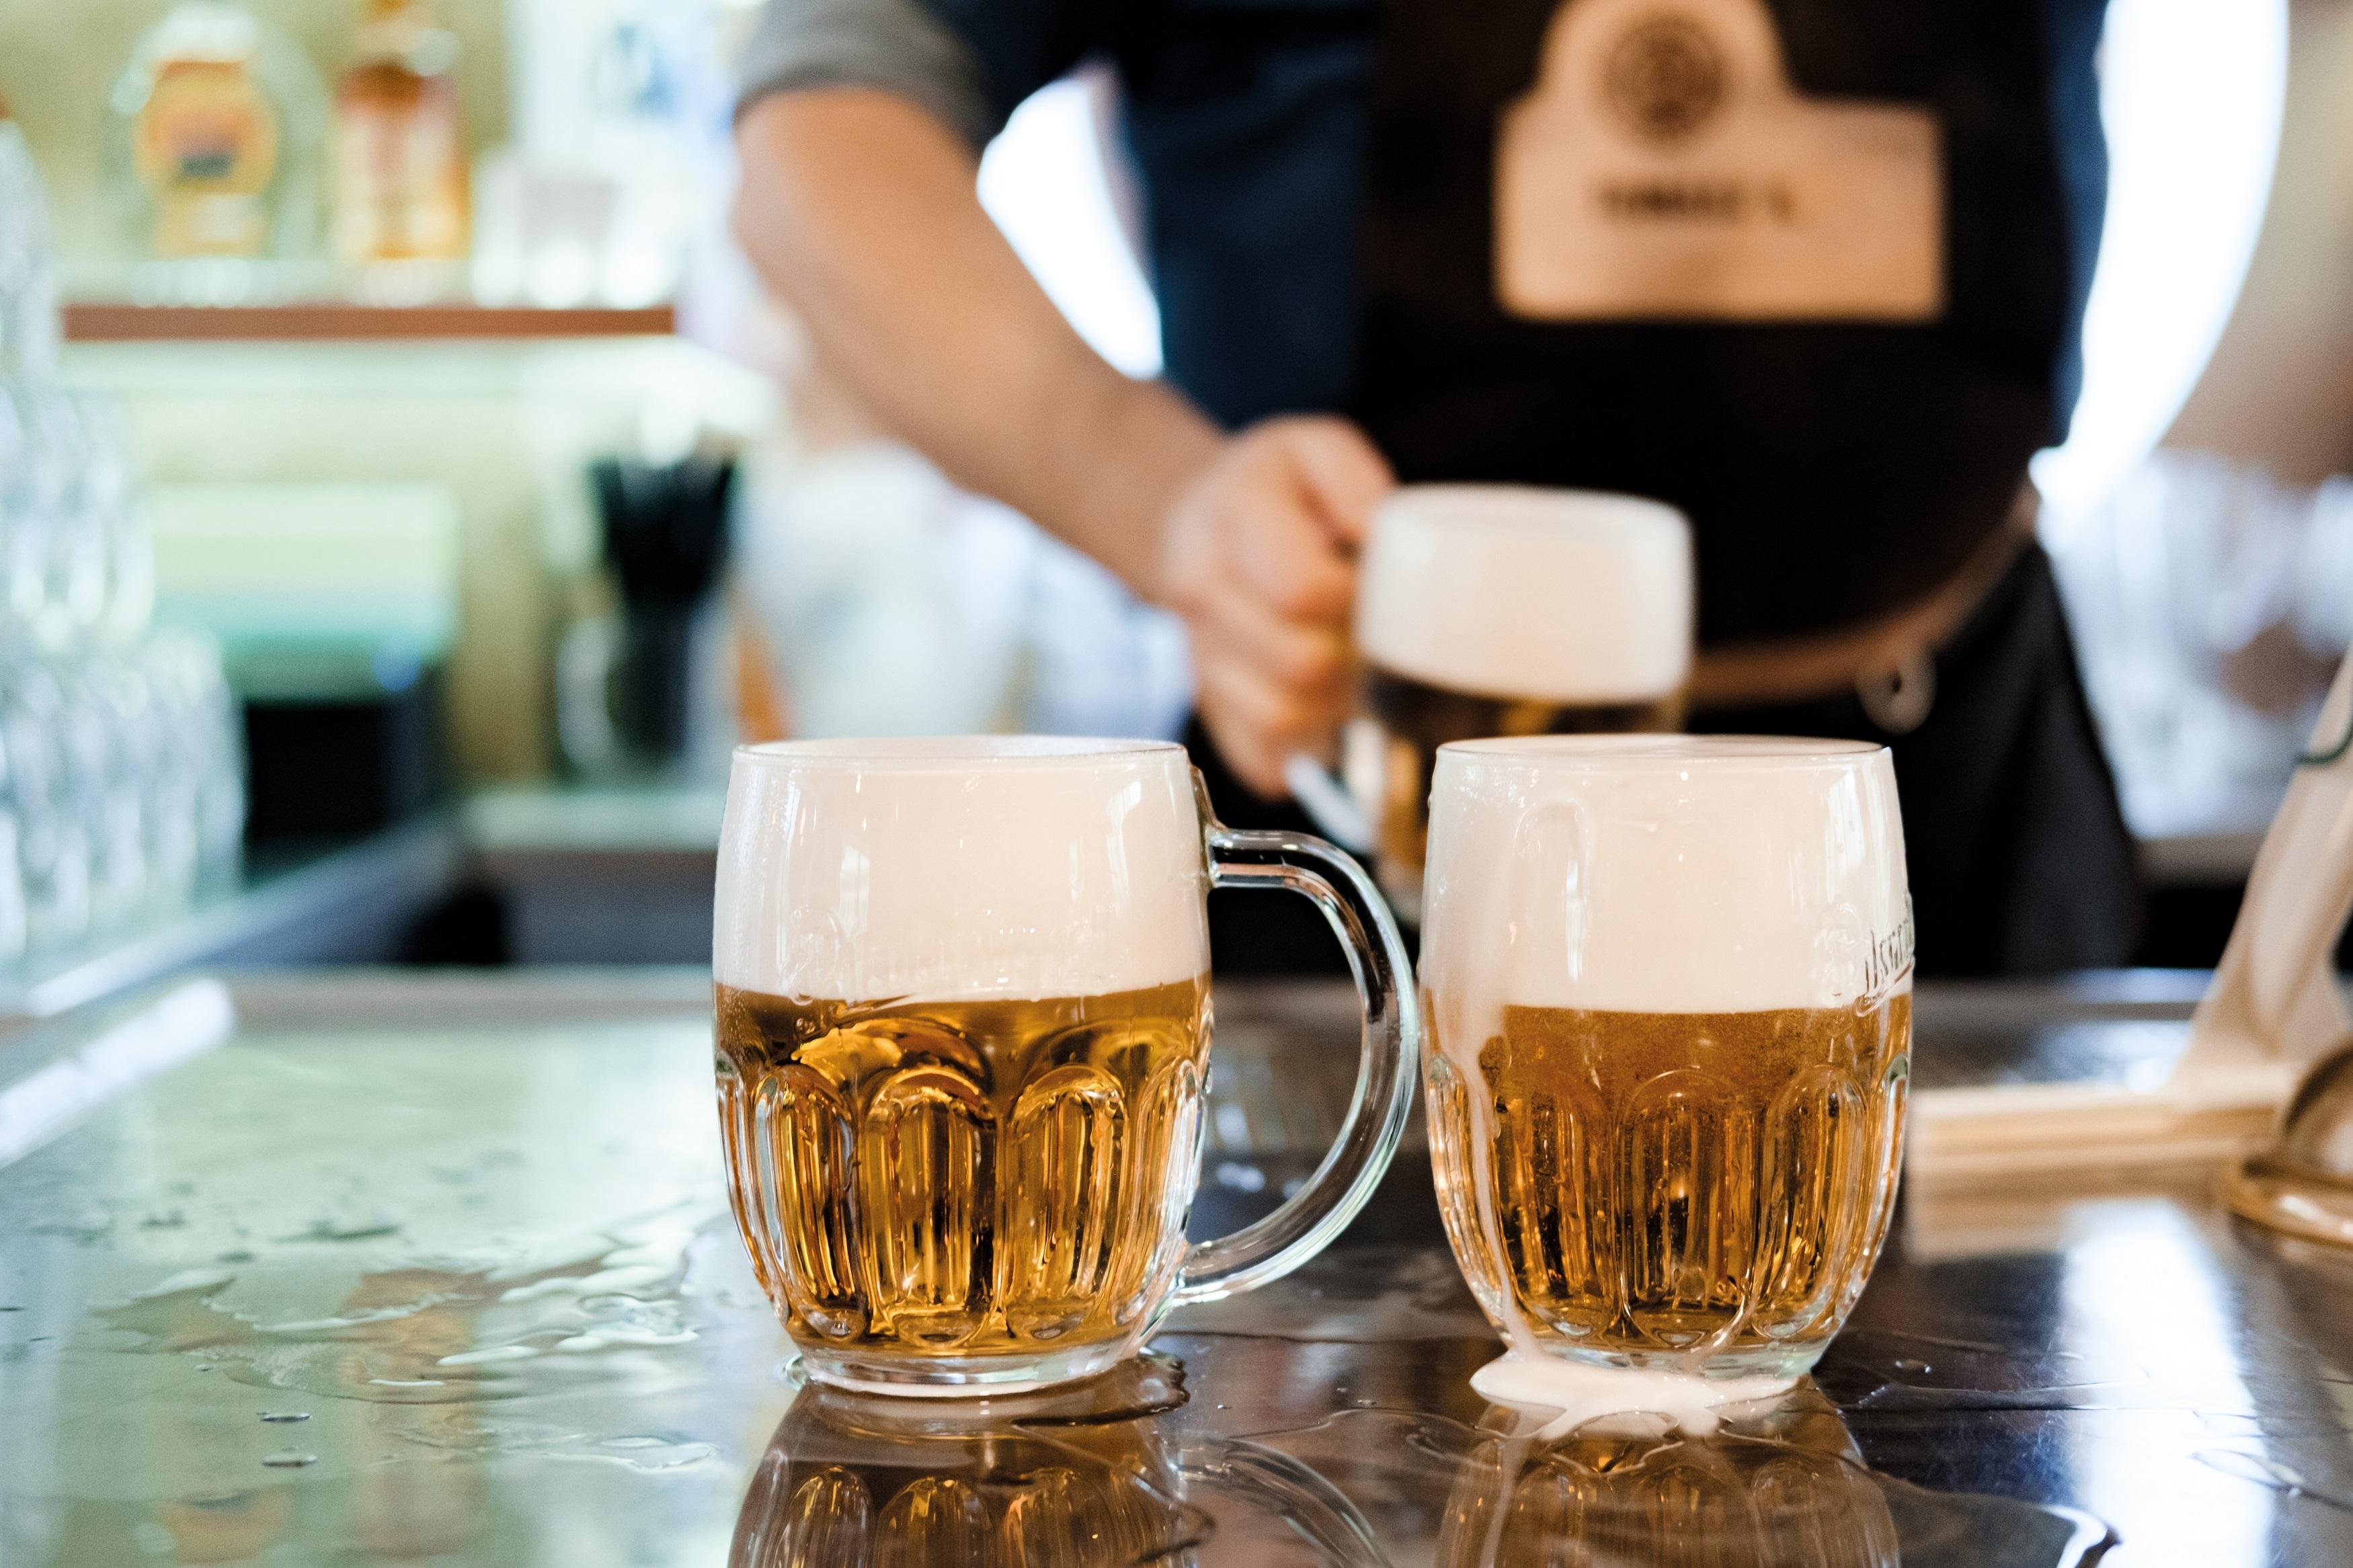 Prazdroji se daří, loni prodal v zahraničí rekordních 4,3 milionu hektolitrů piv